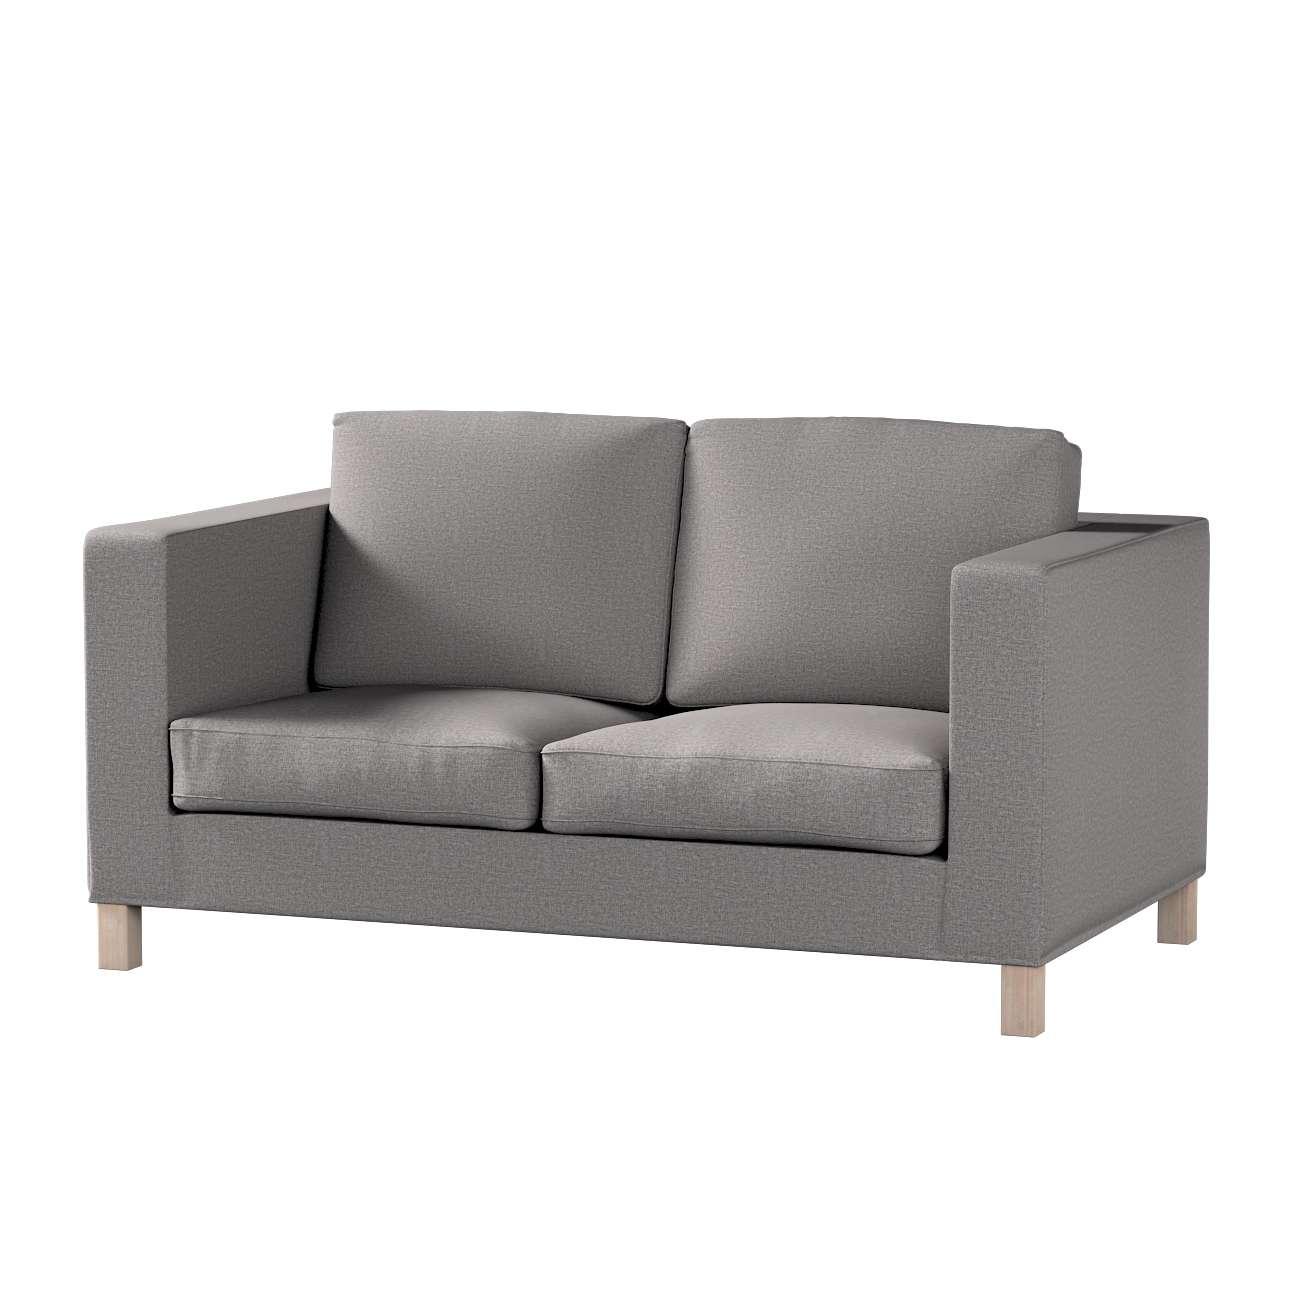 KARLANDA dvivietės sofos užvalkalas KARLANDA dvivietės sofos užvalkalas kolekcijoje Edinburgh , audinys: 115-81